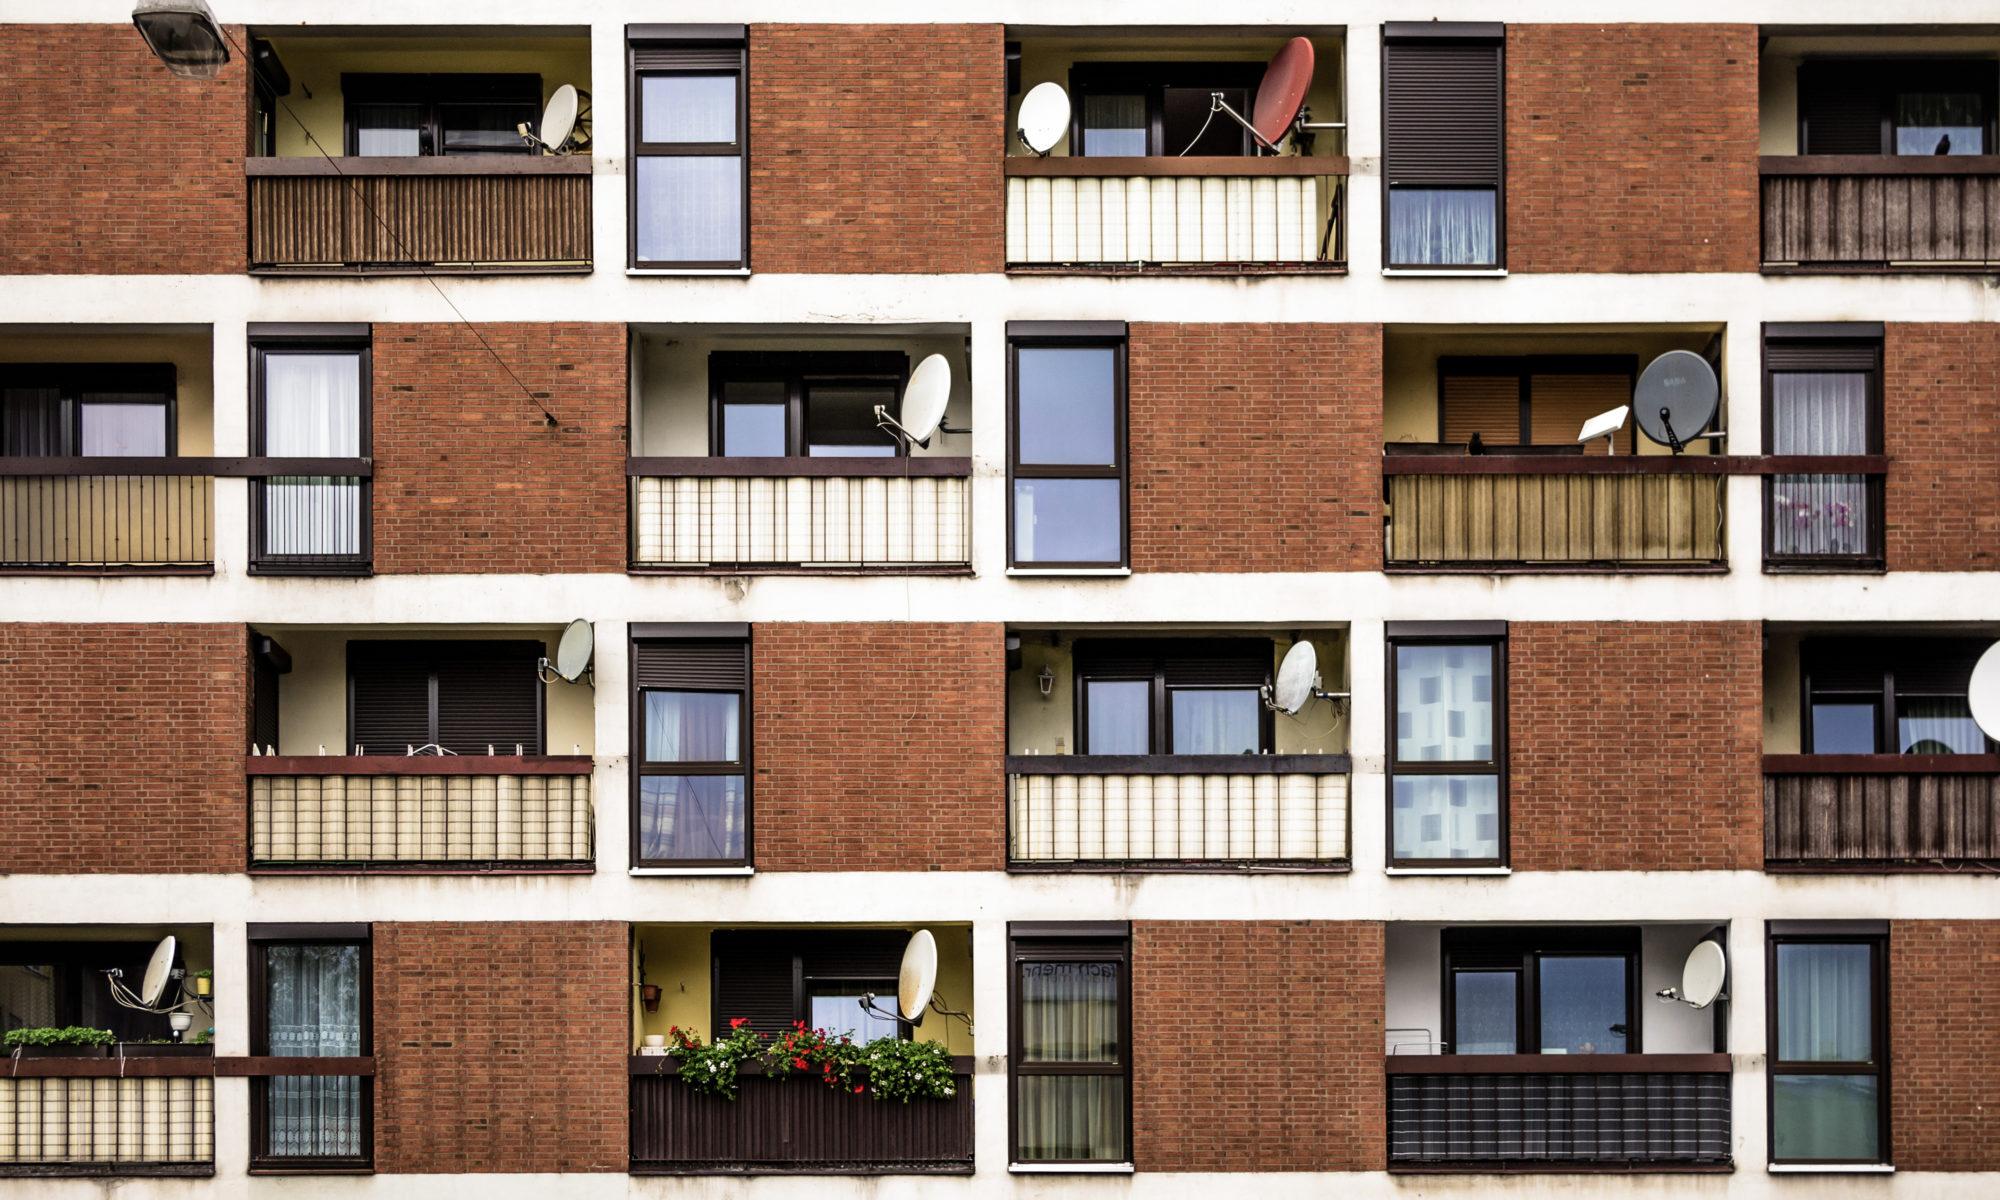 AdobeStock 77172011 2000x1200 - Hartz IV-Wohnungen: Vermieter treiben Miete bis zur Angemessenheitsgrenze